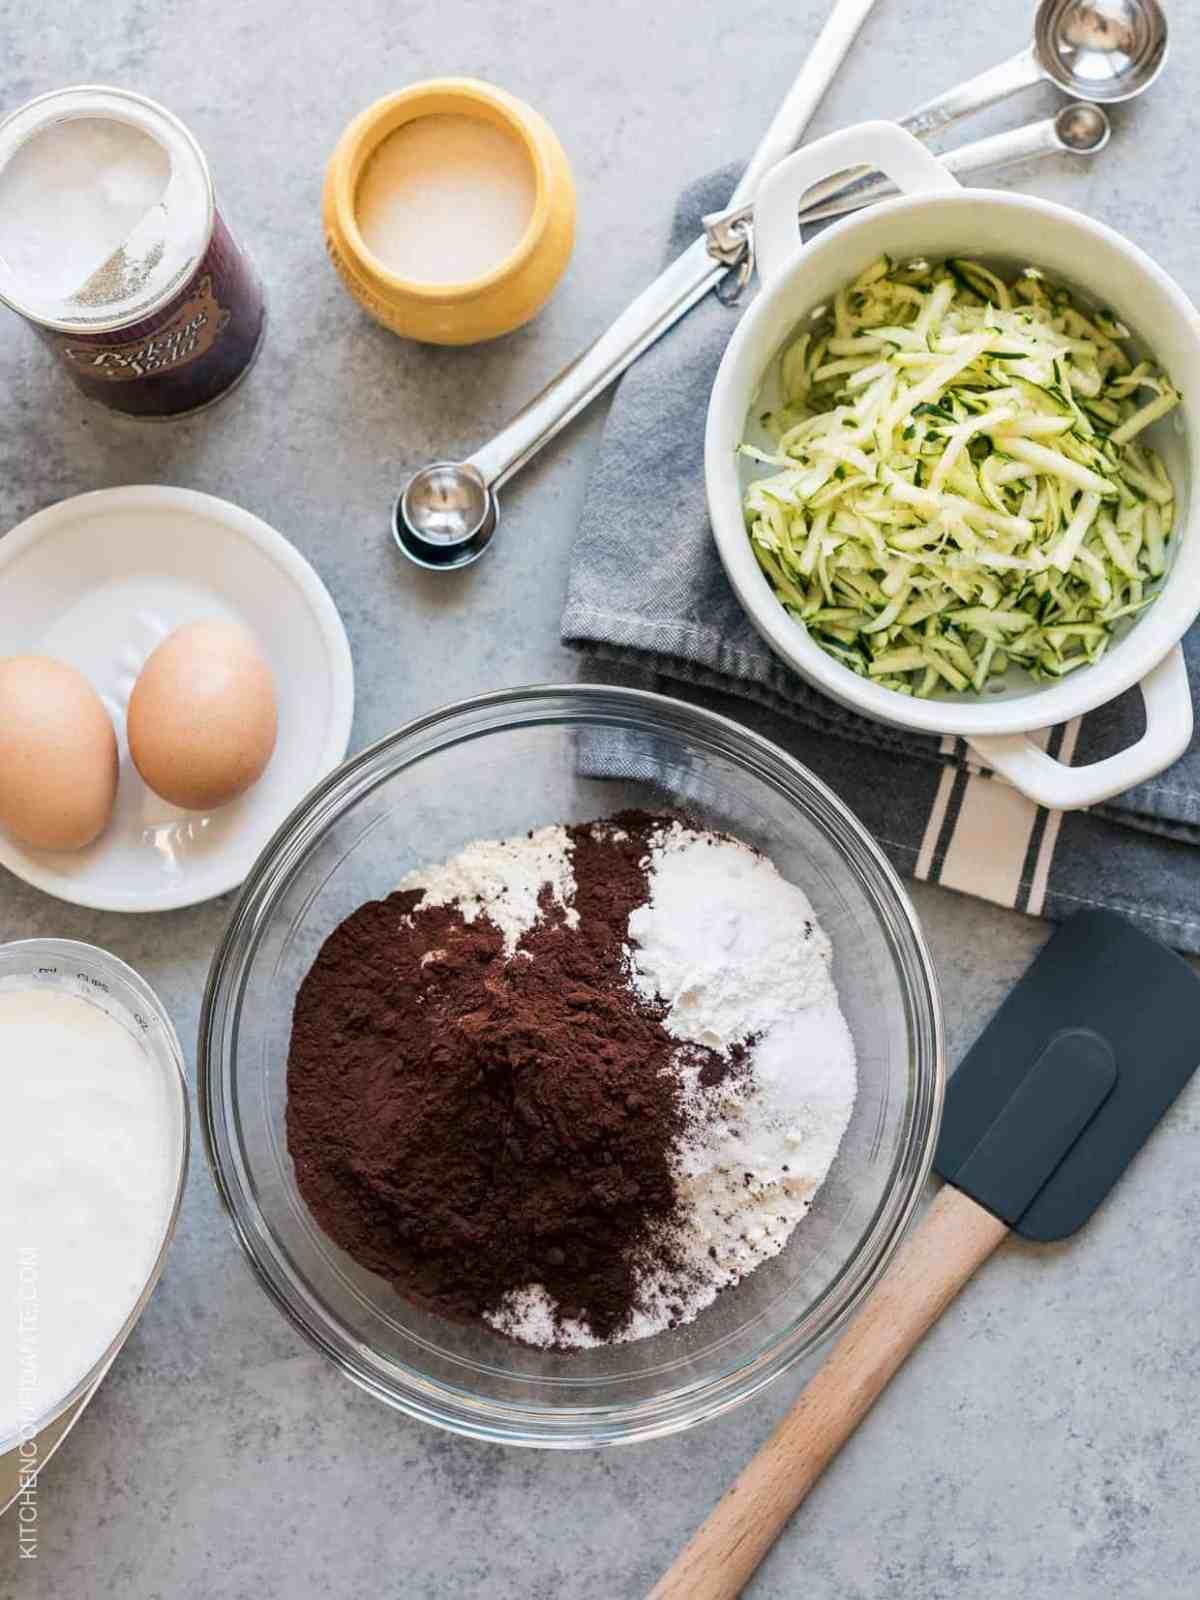 Chocolate Zucchini Beglian Waffles | www.kitchenconfidante.com